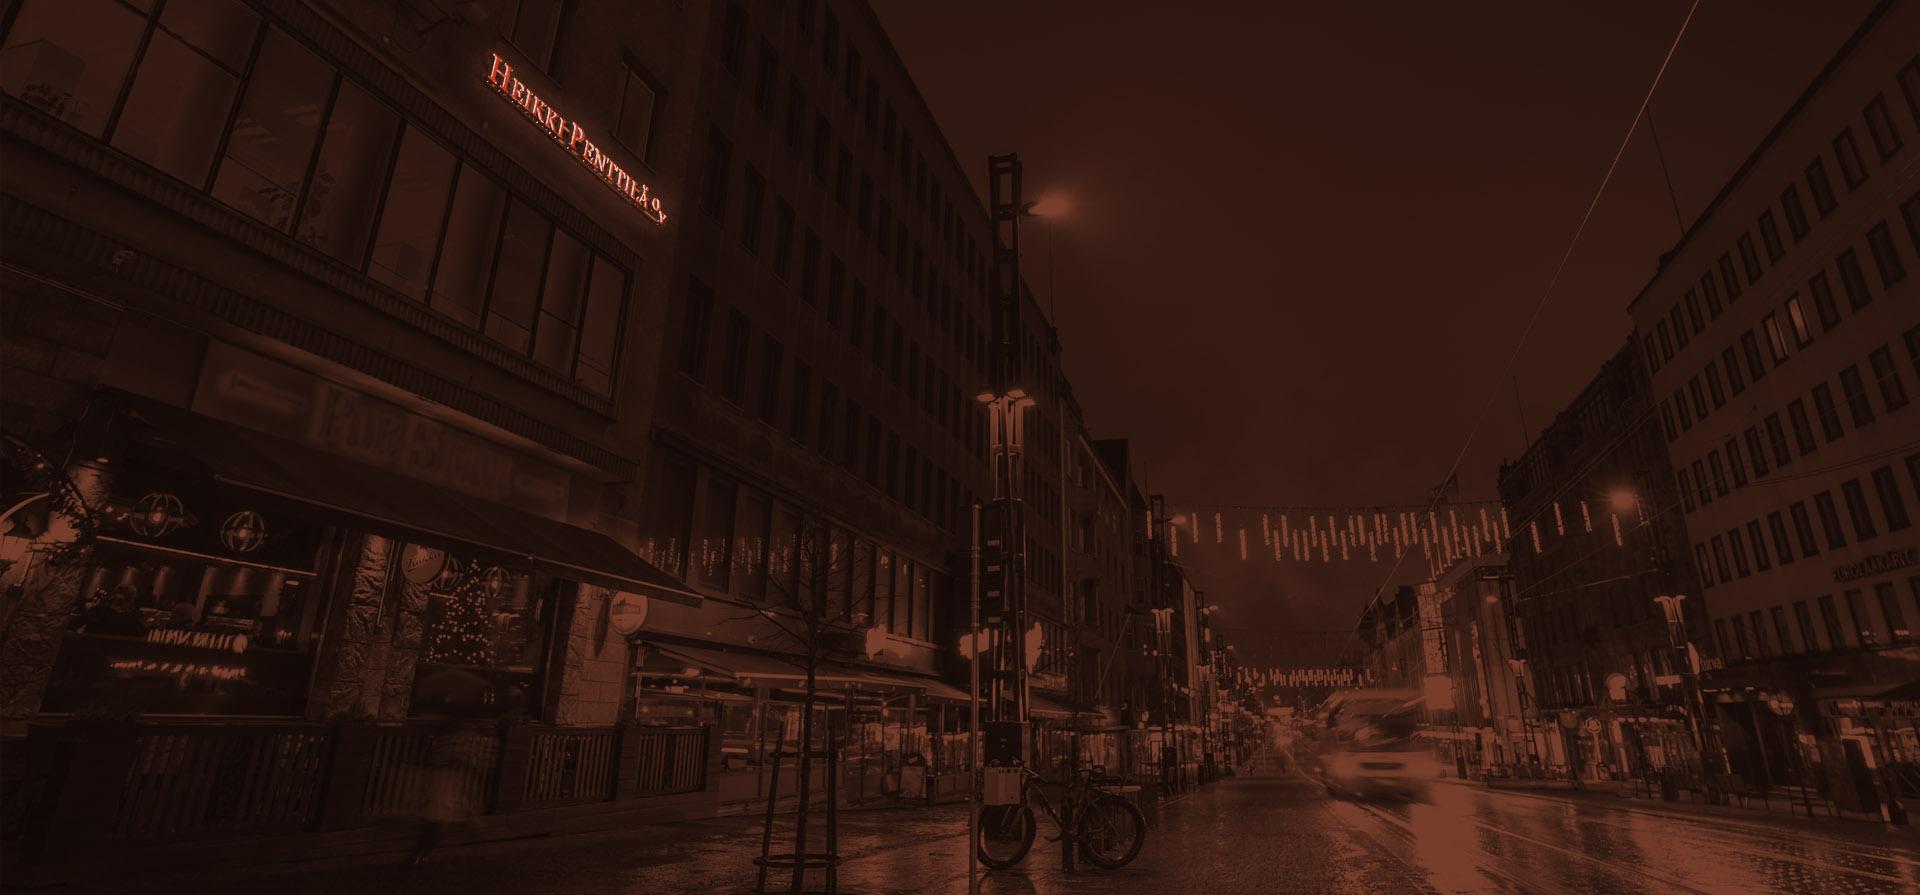 Asianajotoimisto Heikki Penttilä Oy:n toimitila Tampereen Hämeenkadulla